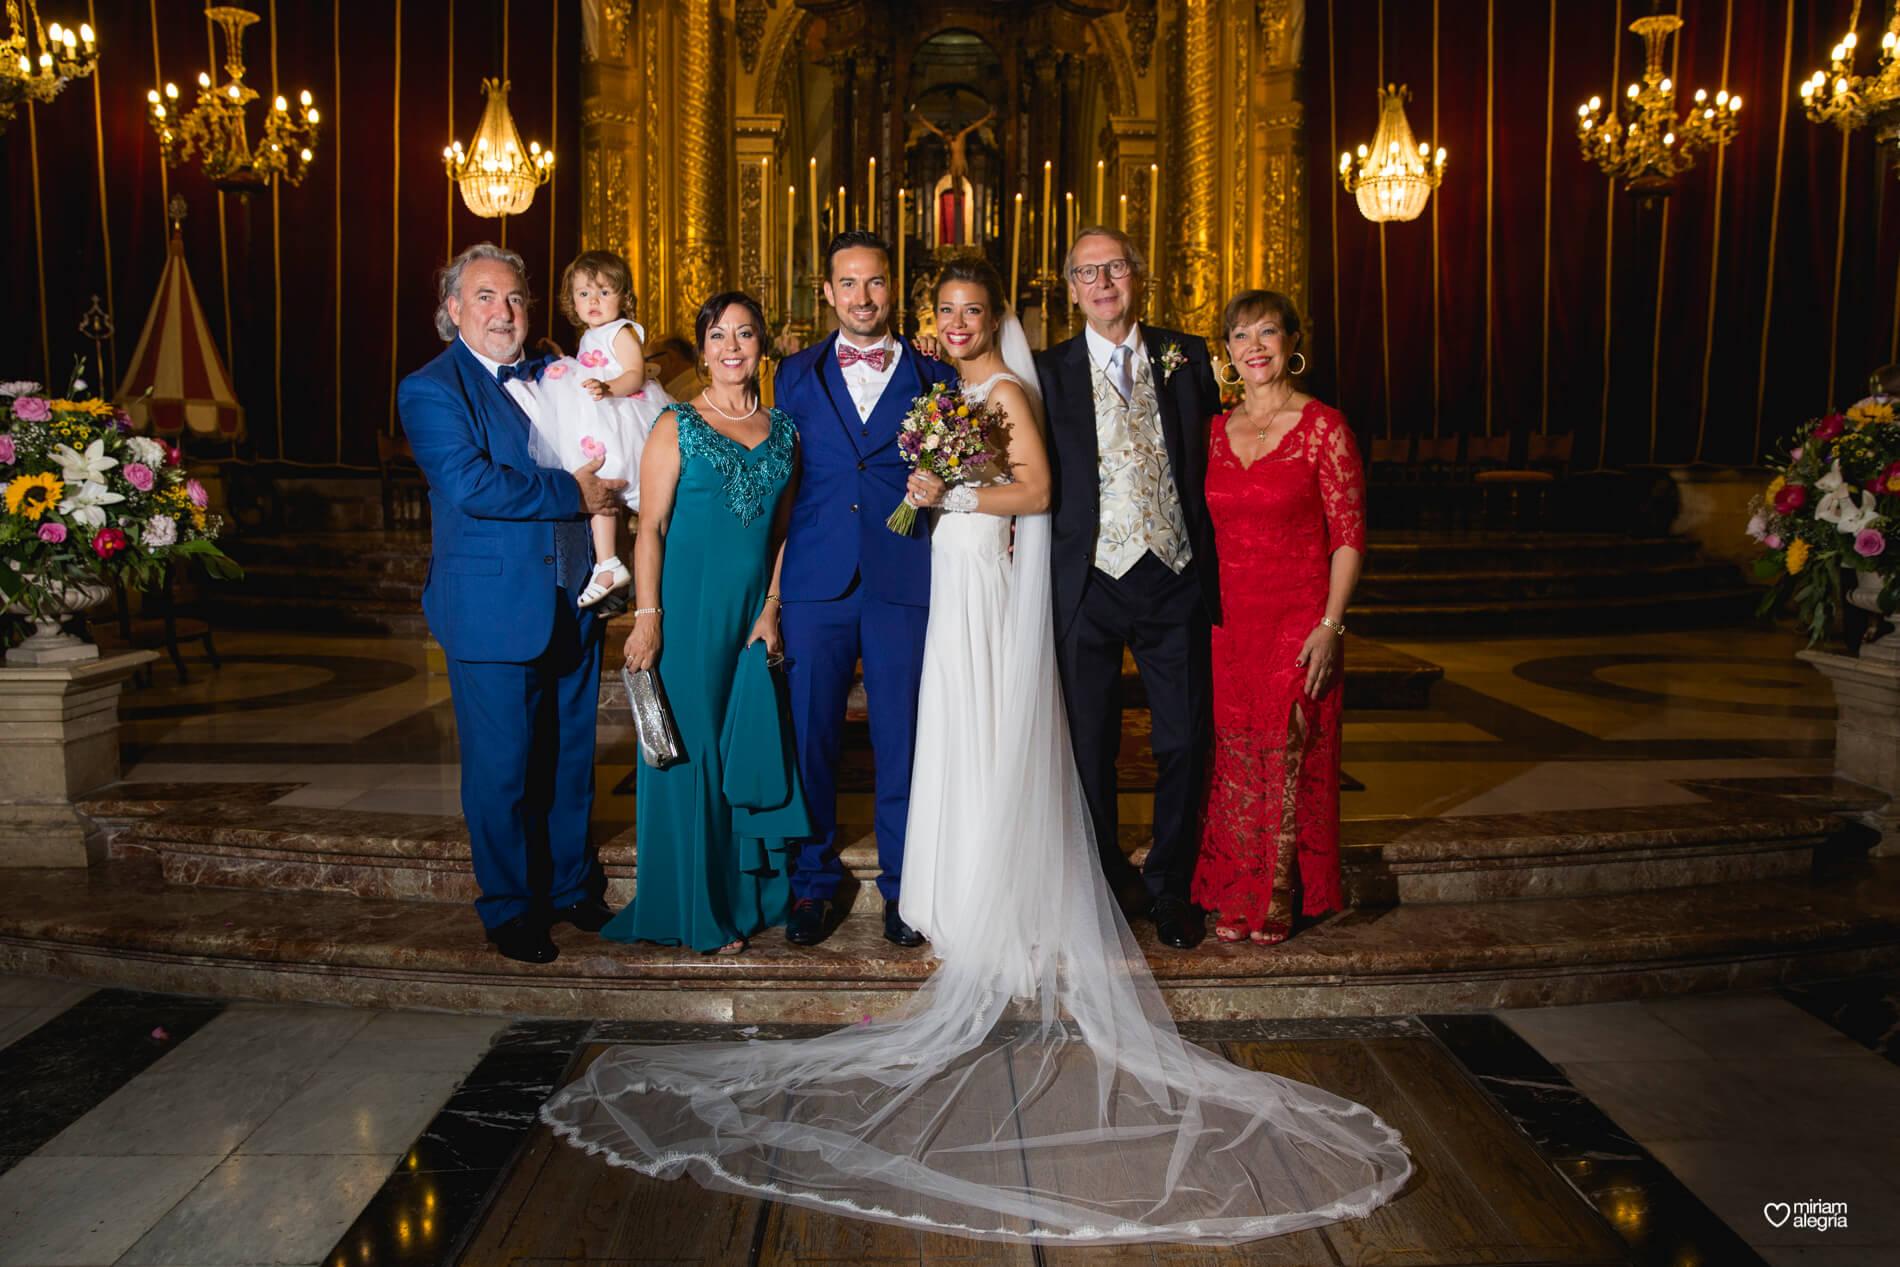 wedding-huerto-del-cura-elche-miriam-alegria-fotografos-boda-233